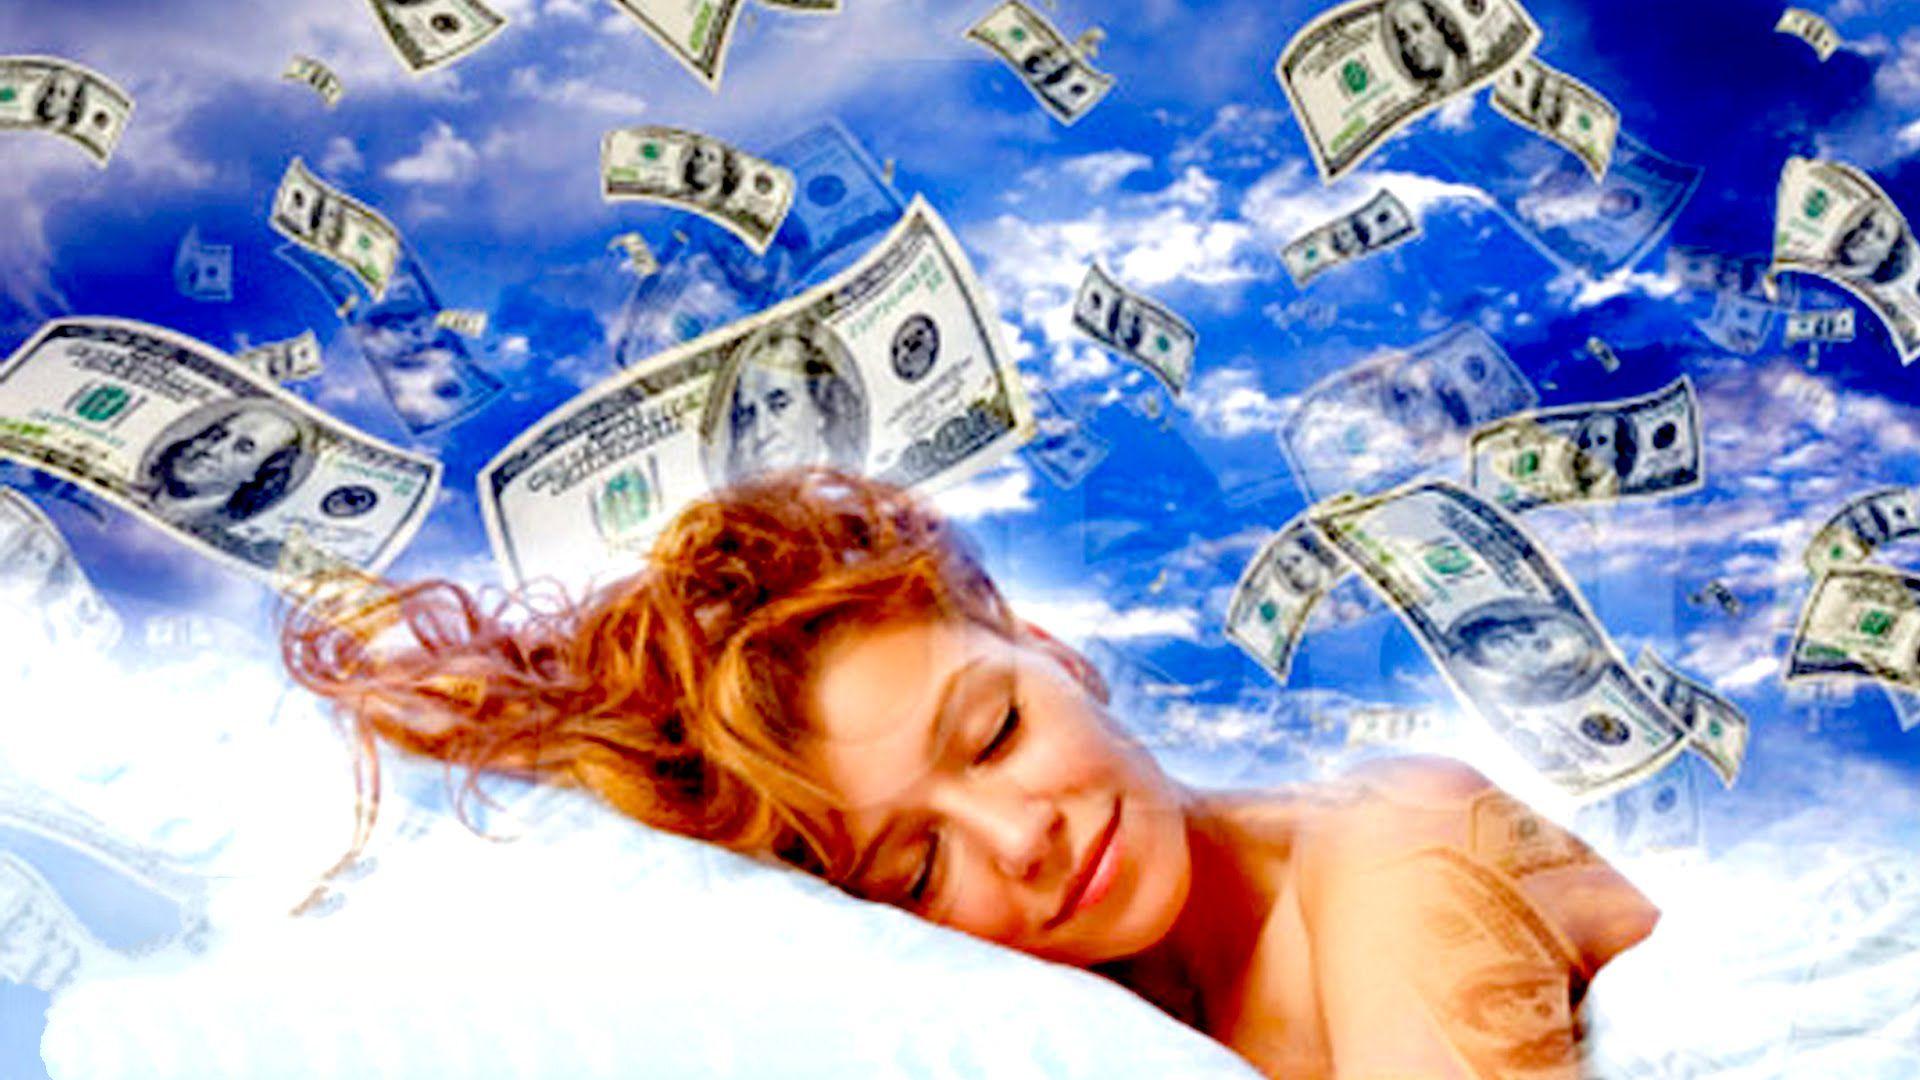 Картинки по запросу Сонник: к чему снятся деньги